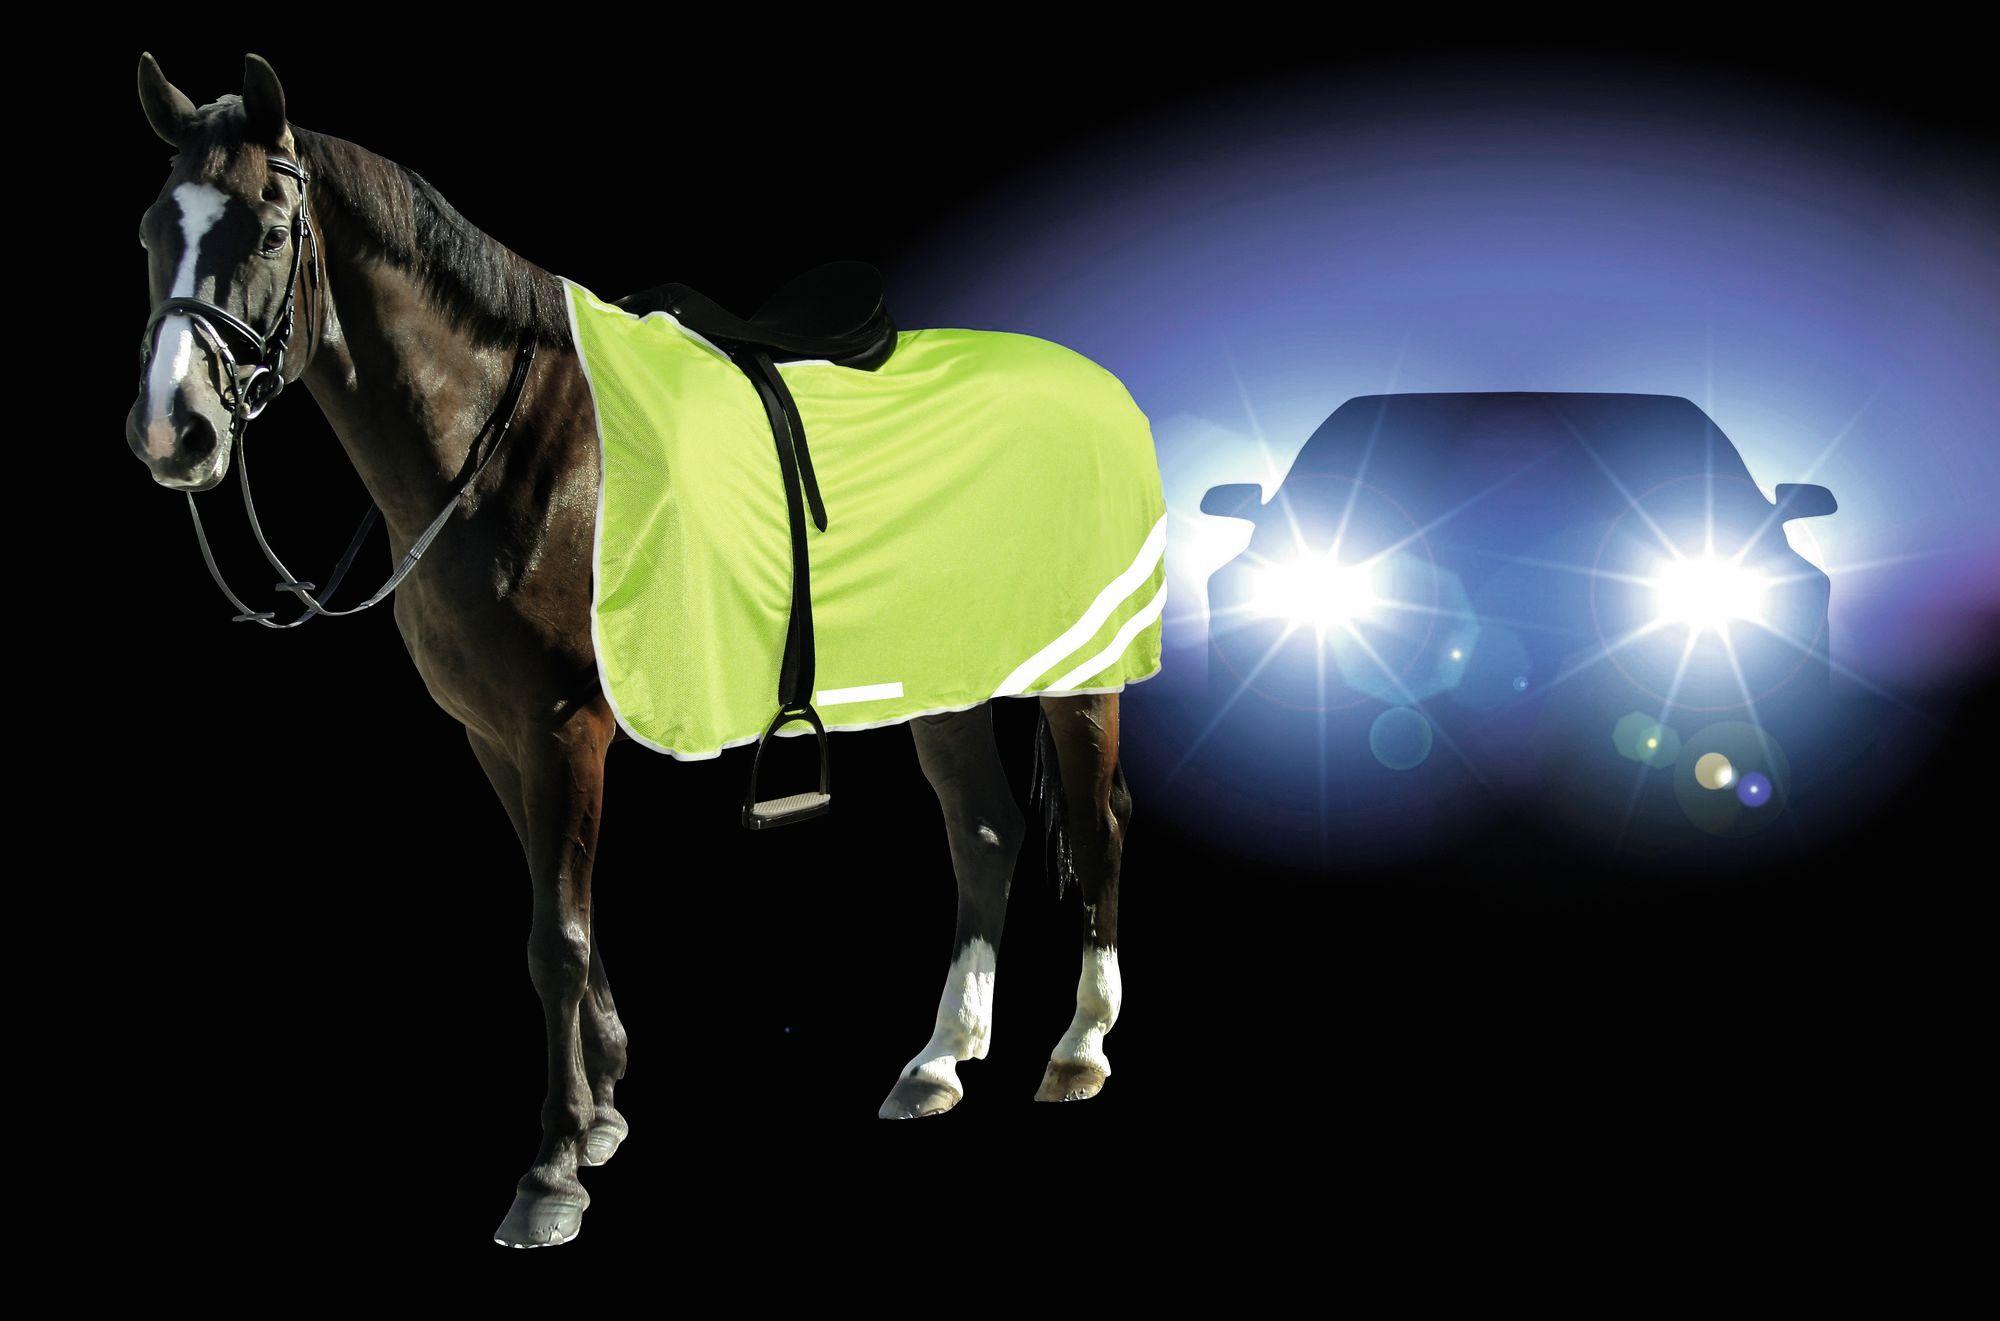 Sicherheit durch Sichtbarkeit beim Reiter